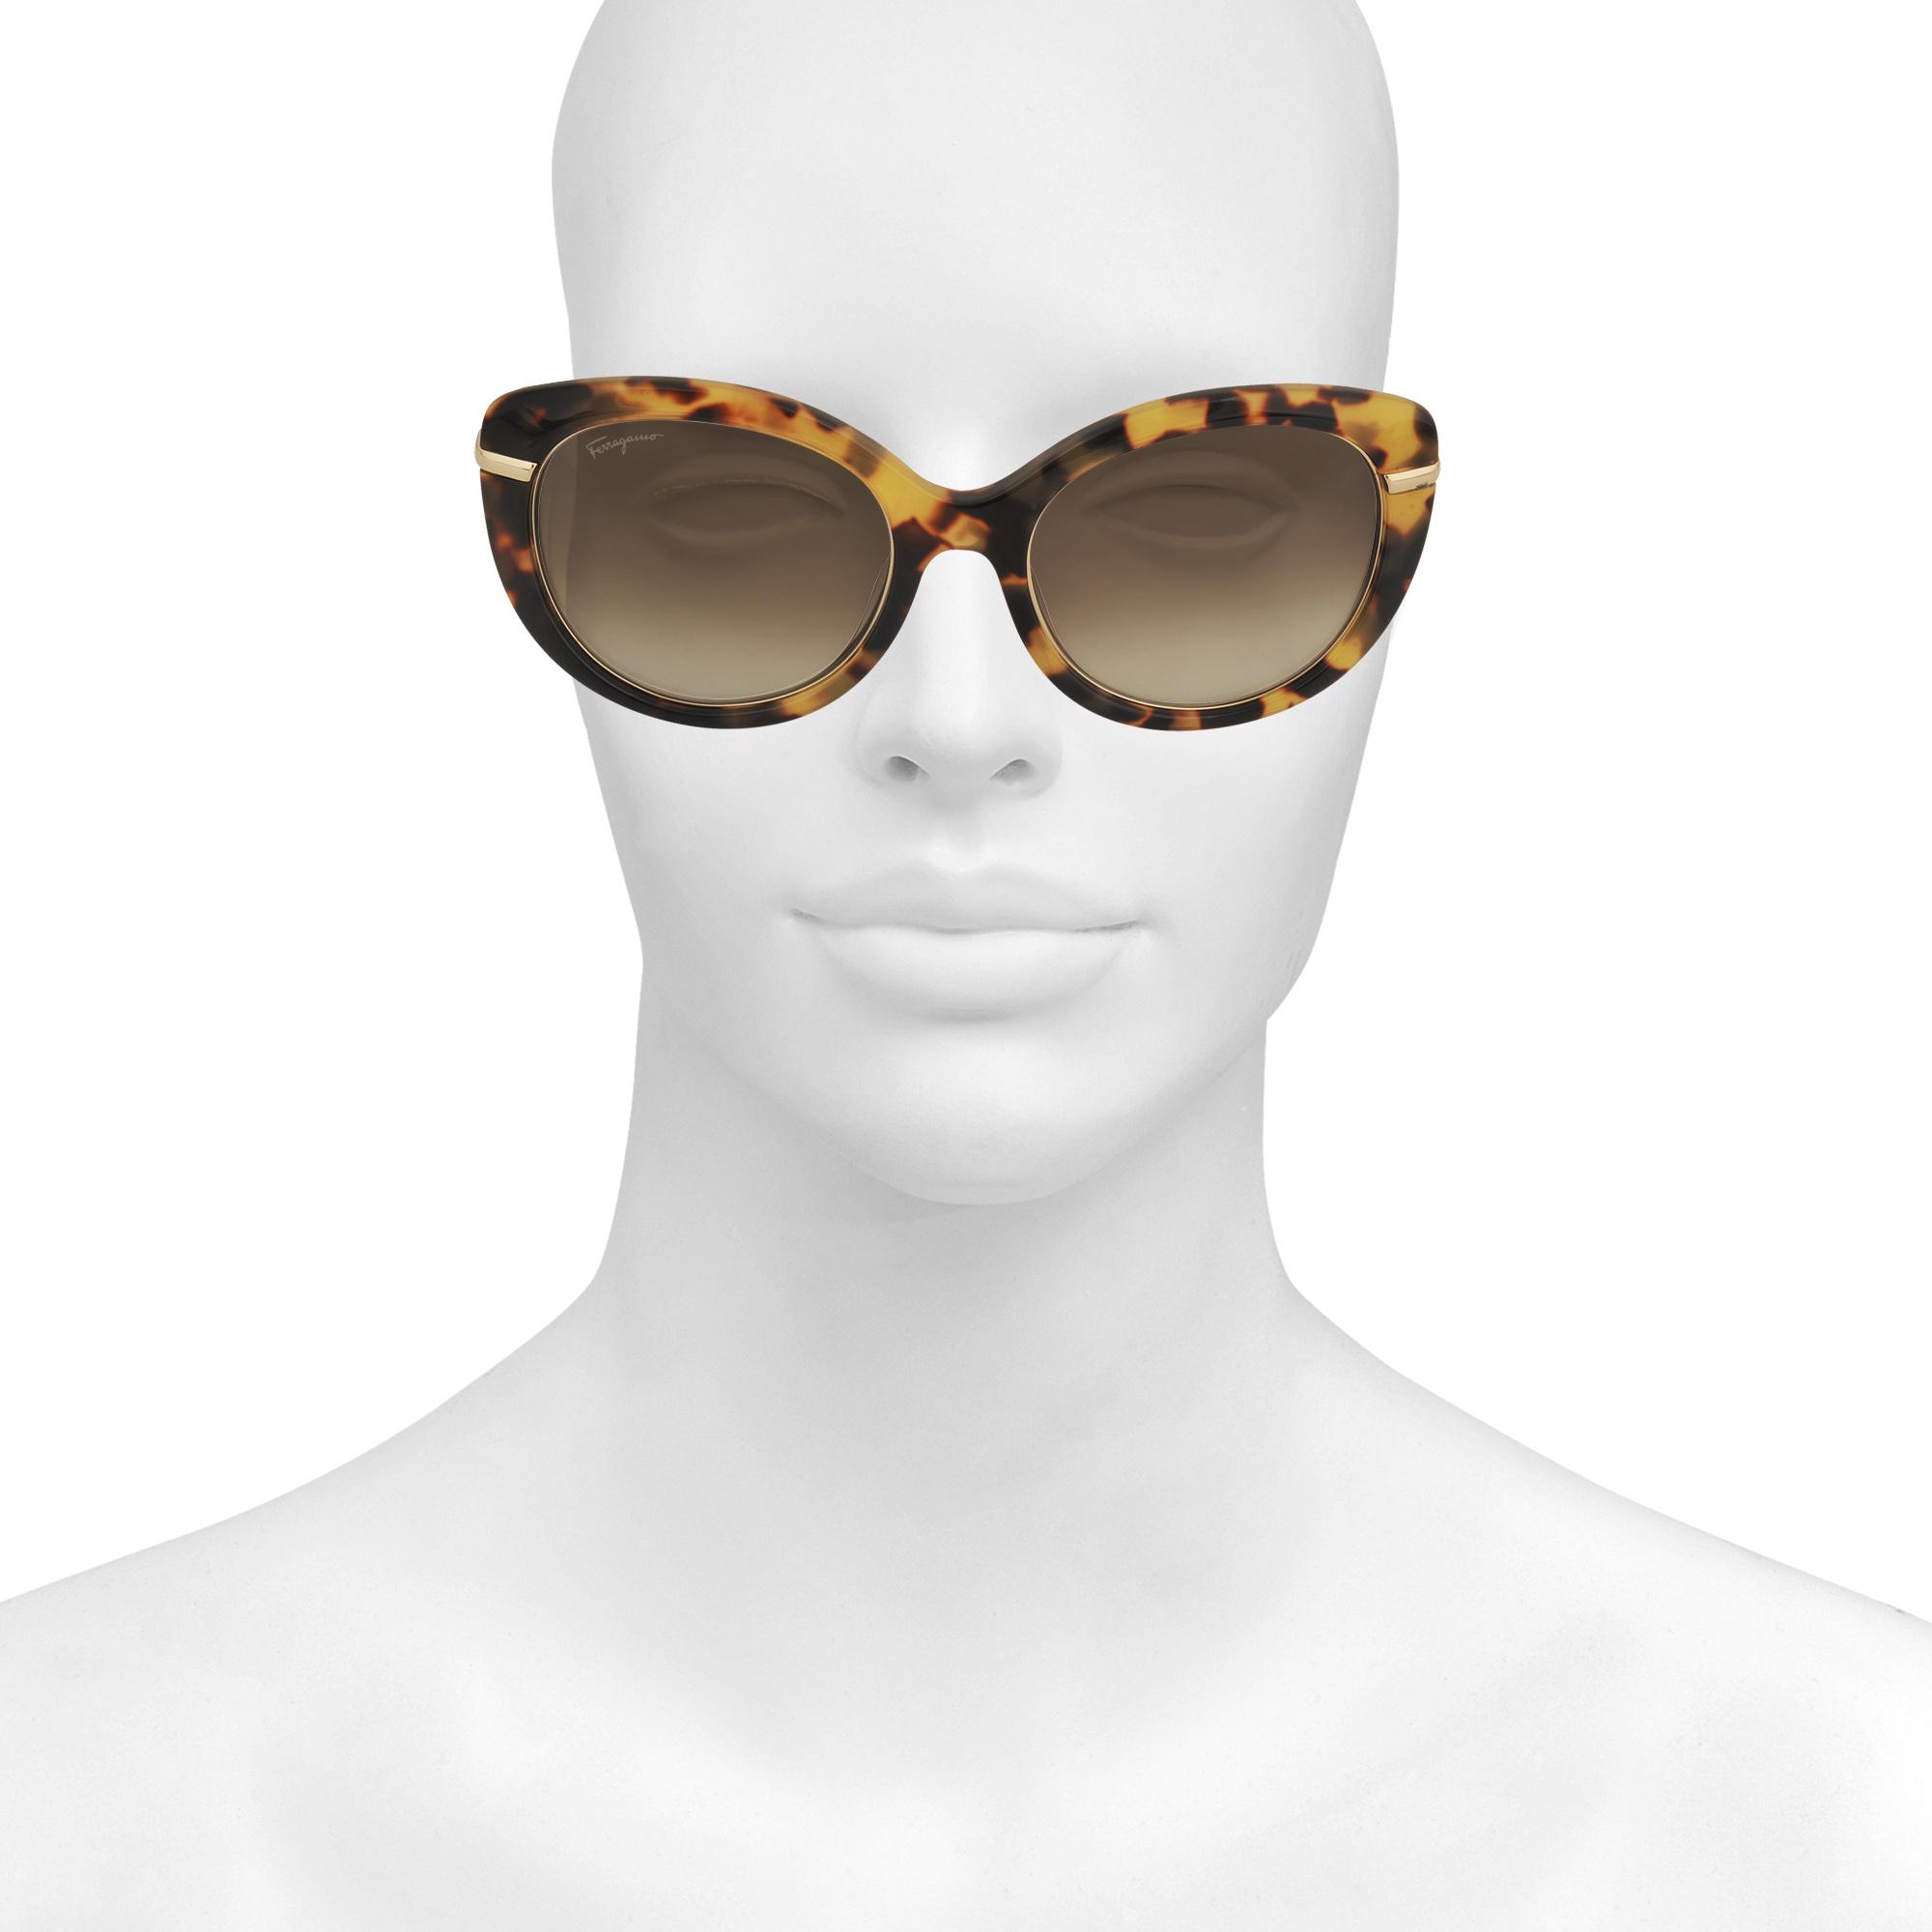 2de037468a0 Lyst - Ferragamo Sf724s Sunglasses in Brown